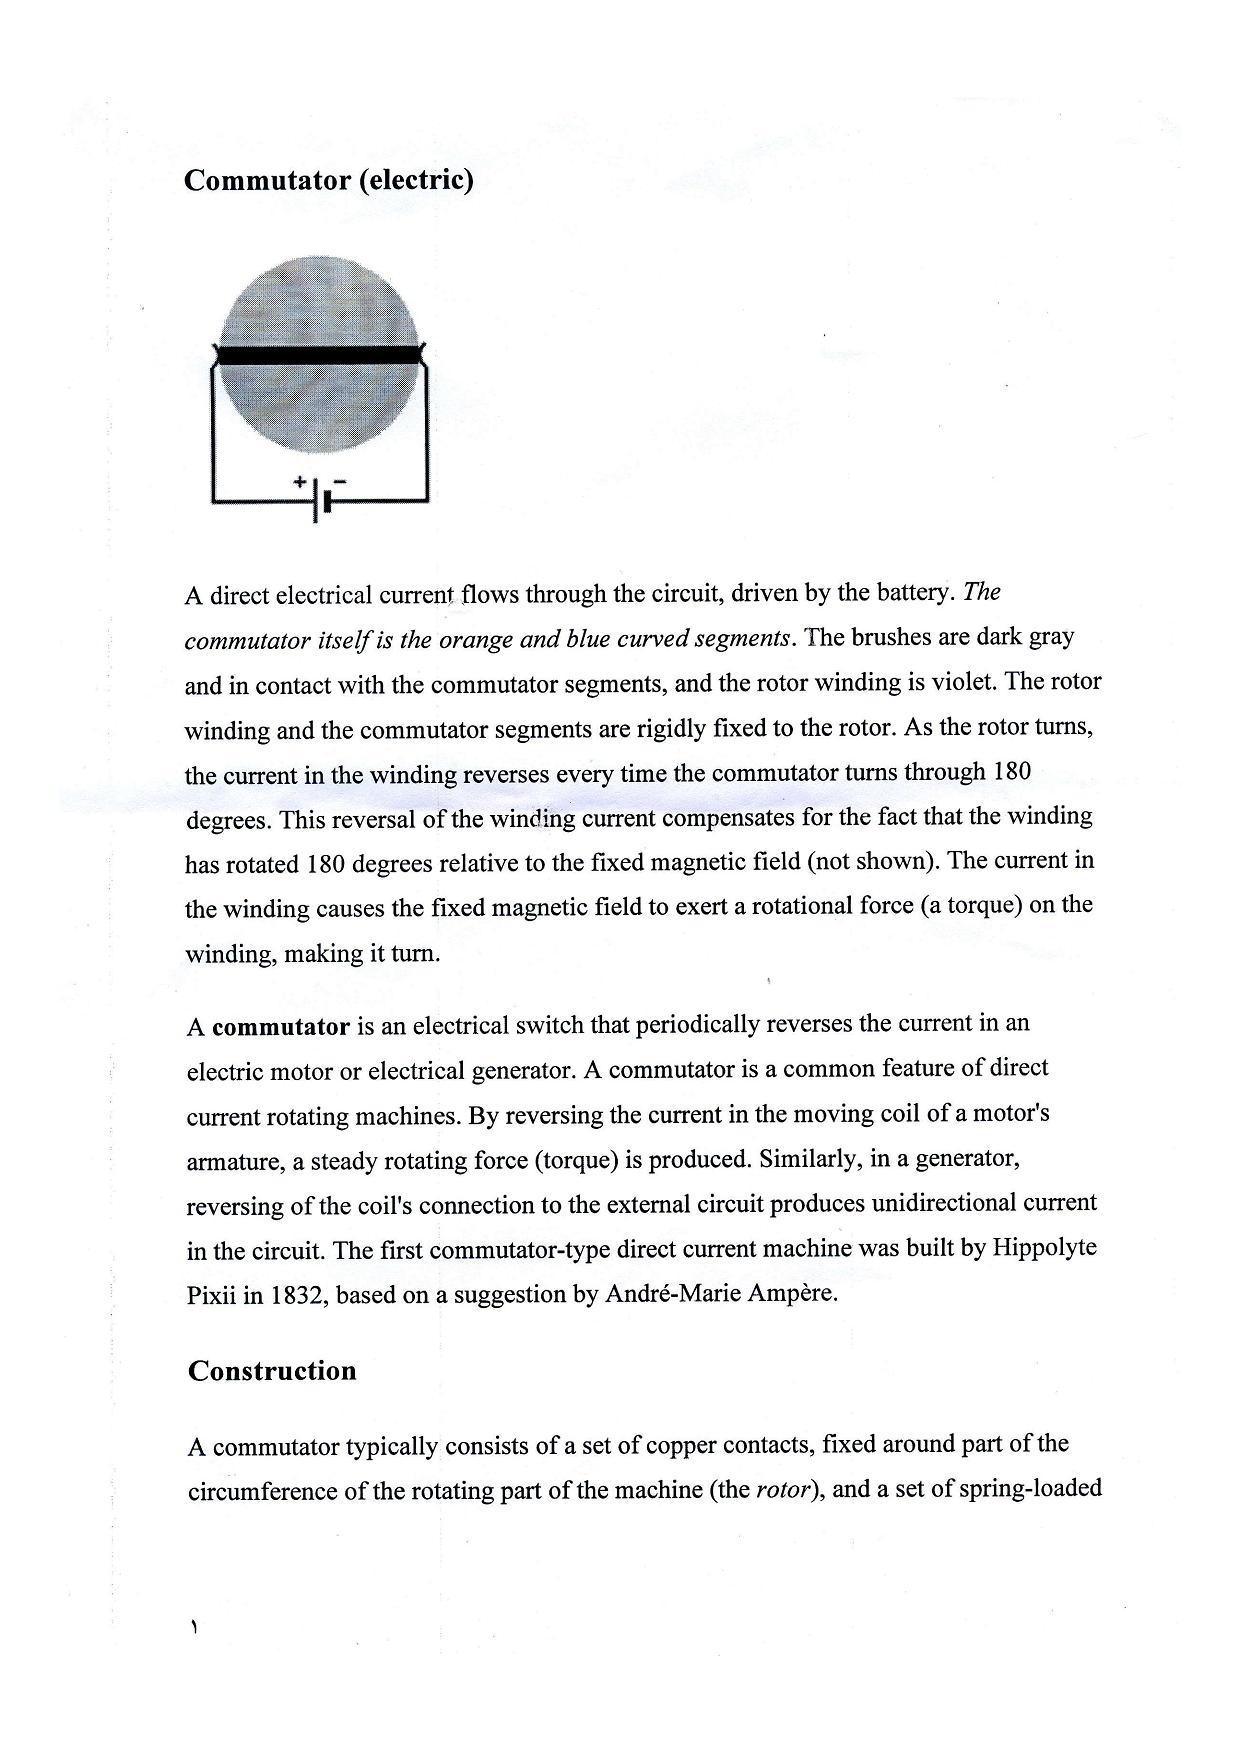 جریان الکتریکی - کموتاتور - رشته برق